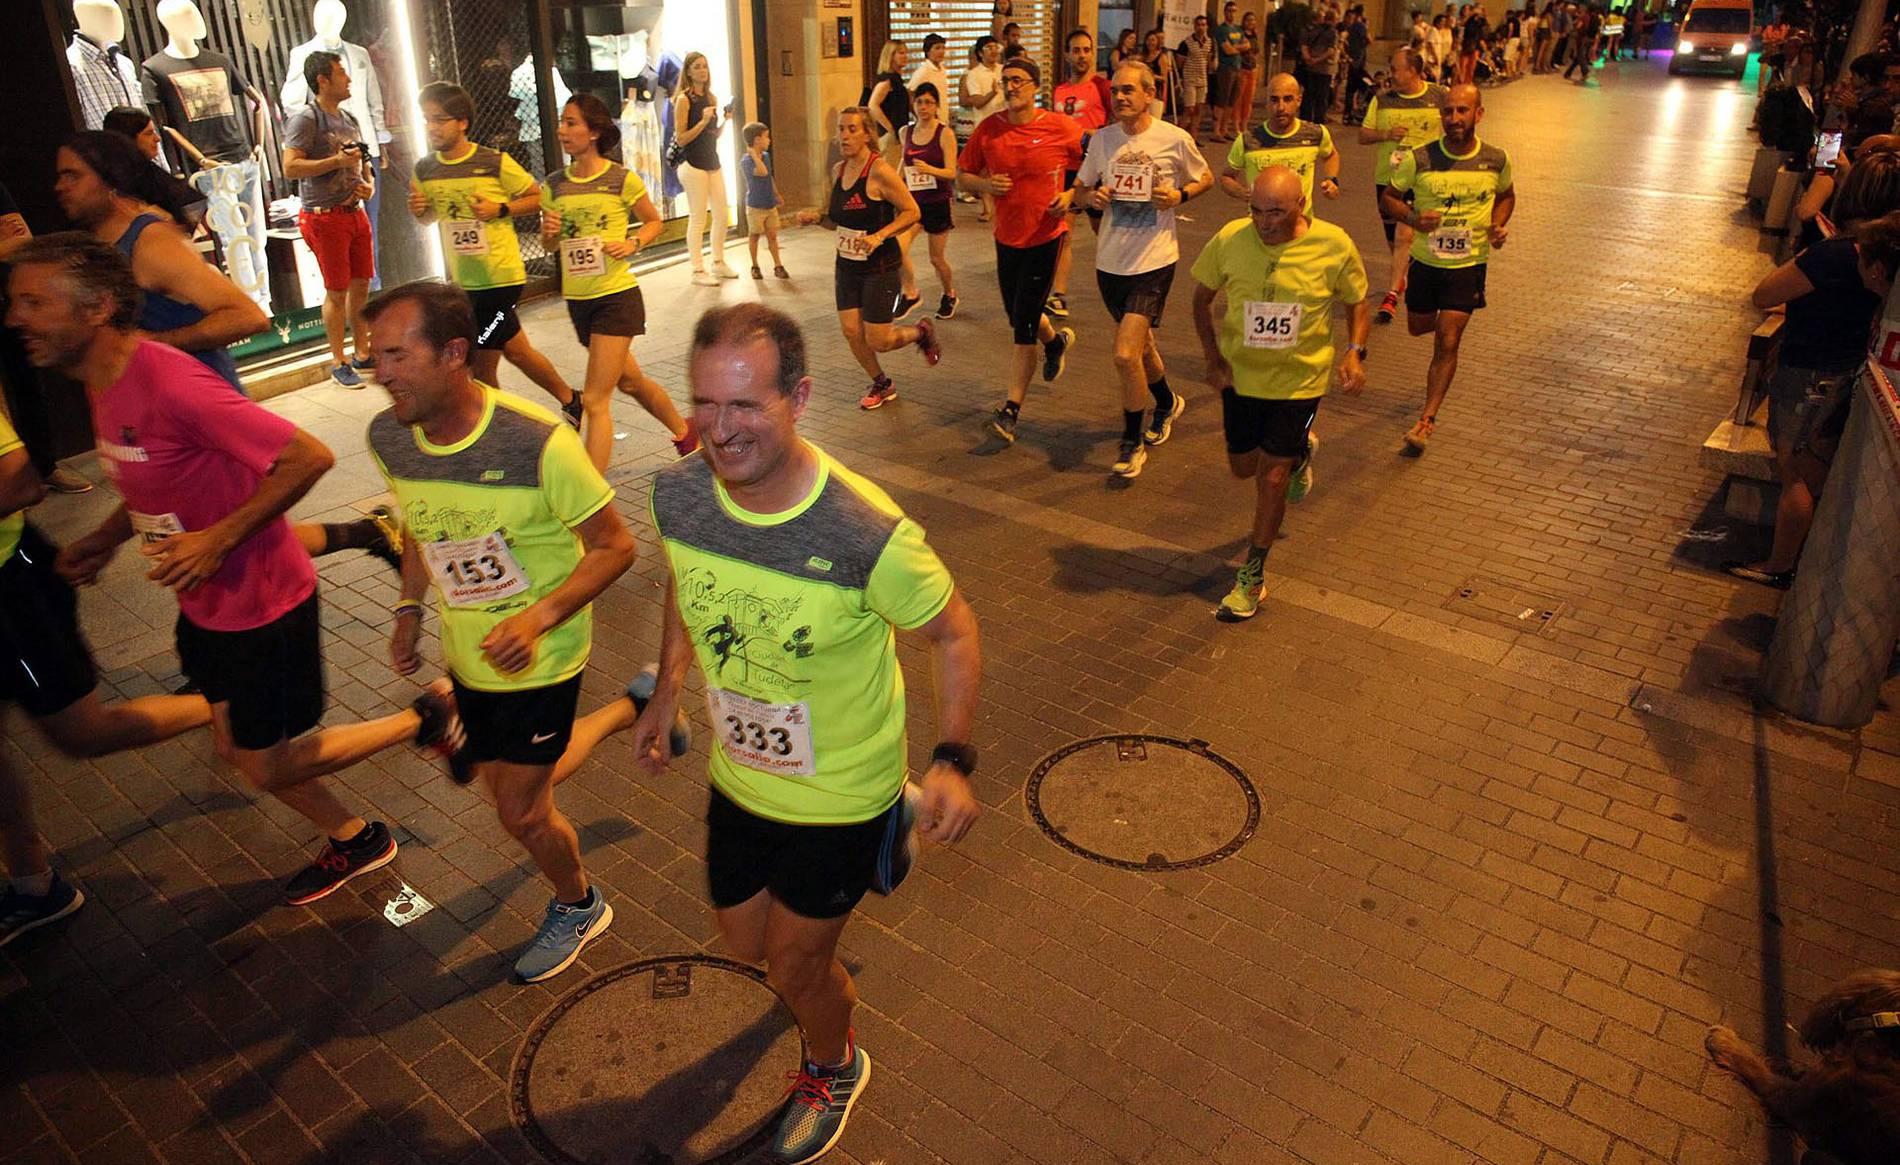 V Carrera Nocturna Ciudad de Tudela (1/29) - Boulame y Malón Se coronaron como los mejores de Navarra en los 10 km de Tudela. - Carreras populares DNRunning -